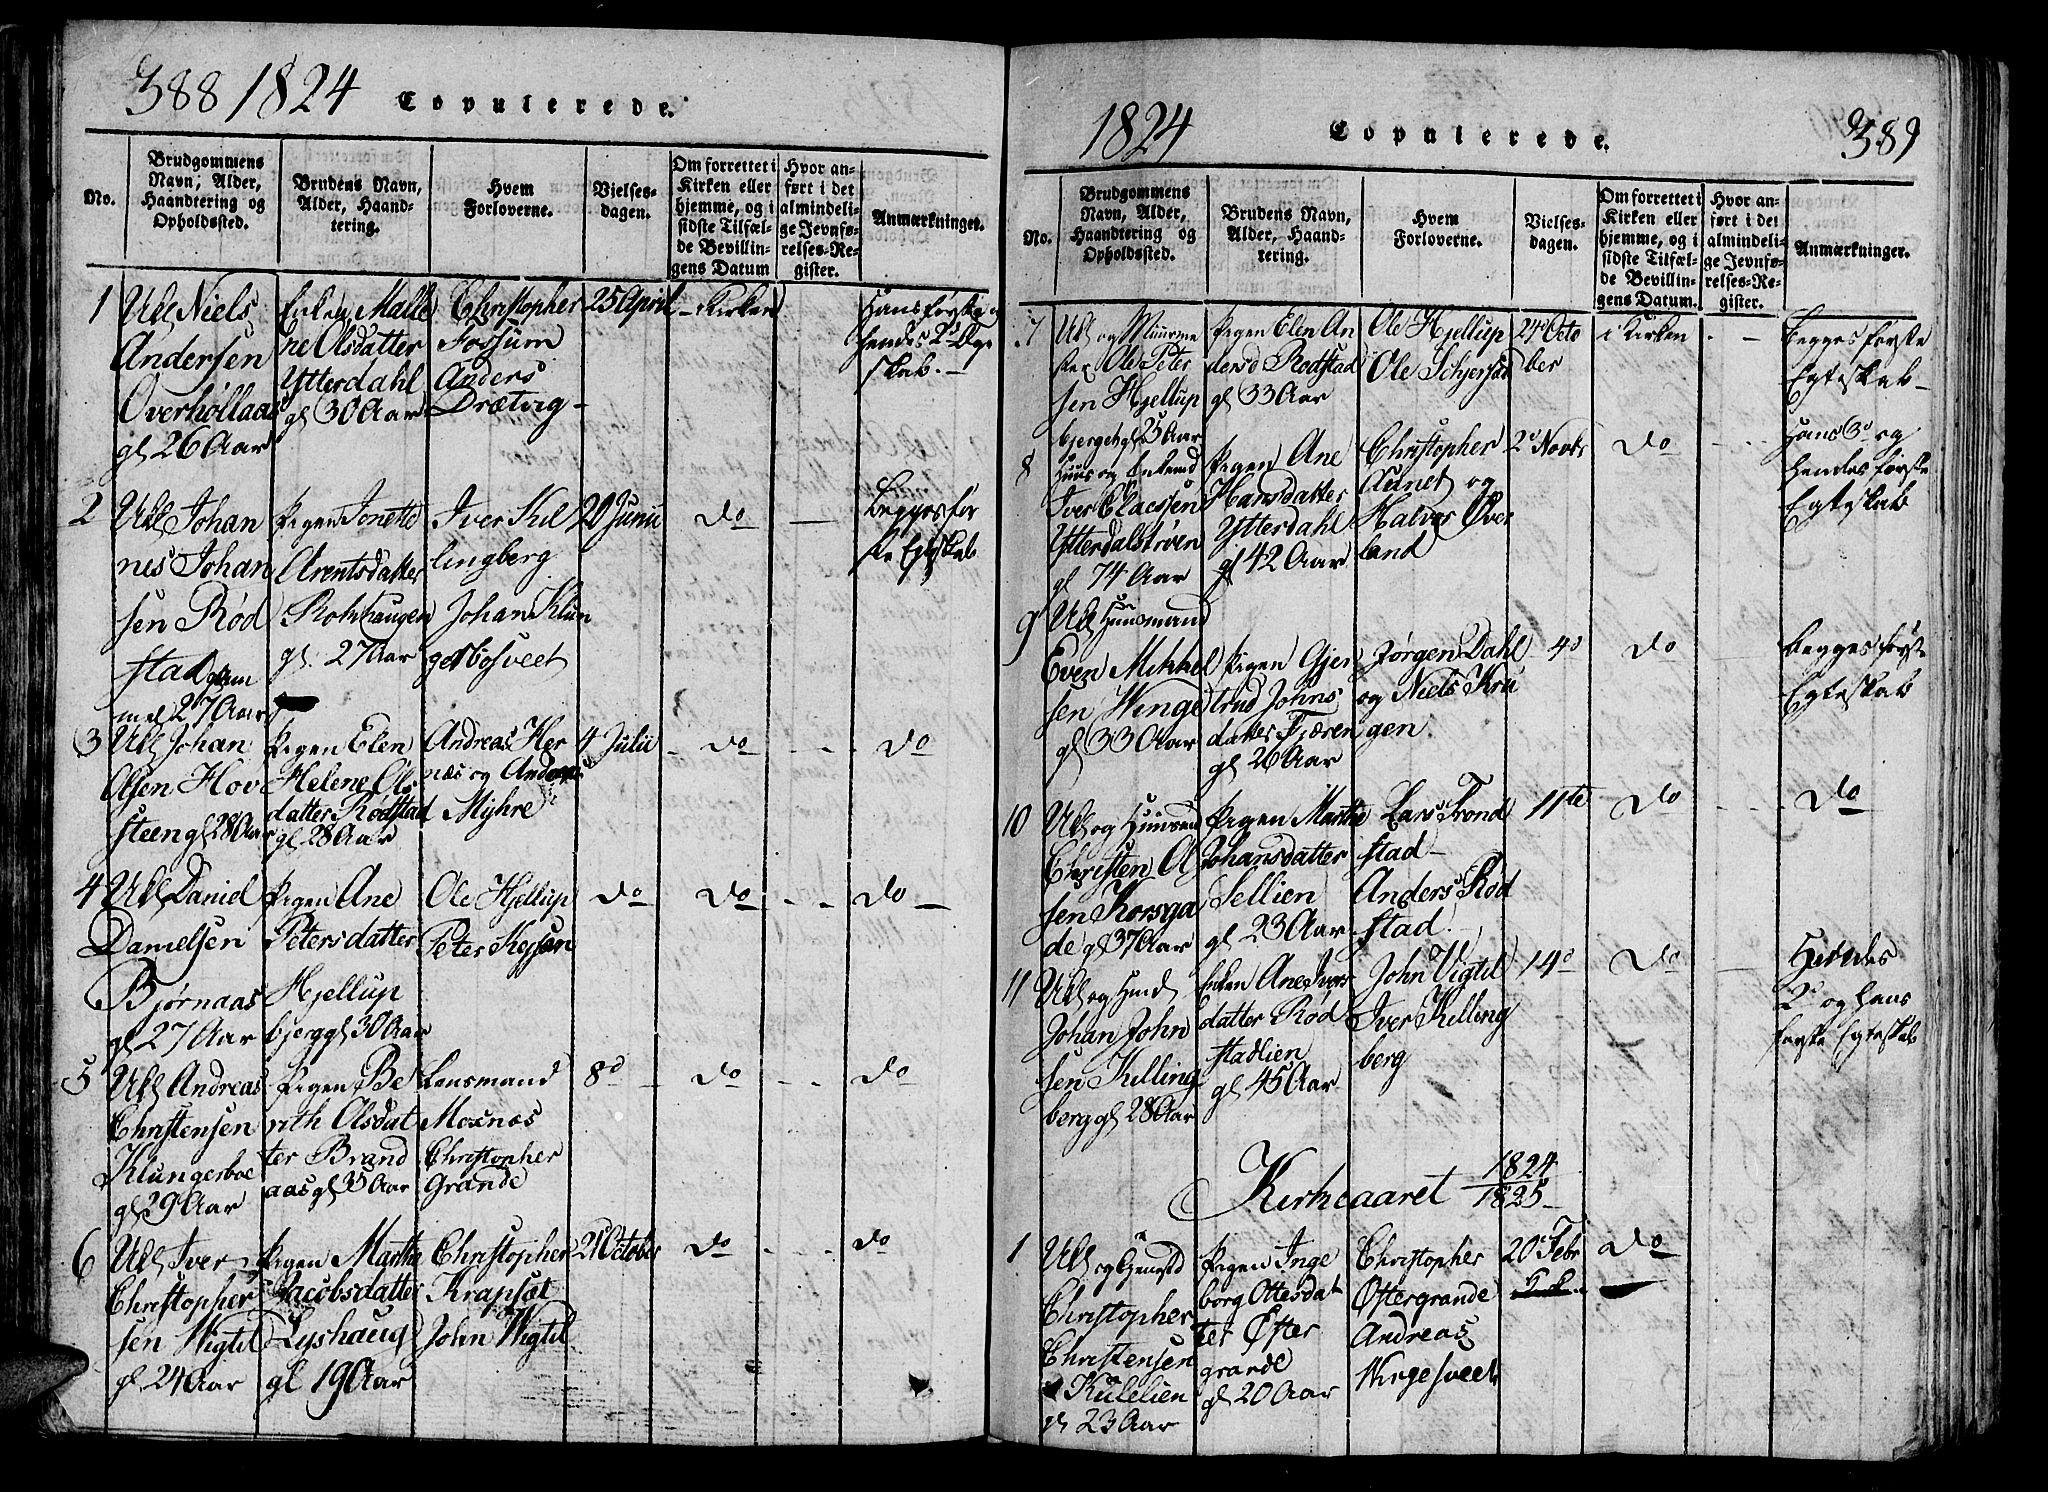 SAT, Ministerialprotokoller, klokkerbøker og fødselsregistre - Nord-Trøndelag, 701/L0005: Ministerialbok nr. 701A05 /1, 1816-1825, s. 388-389